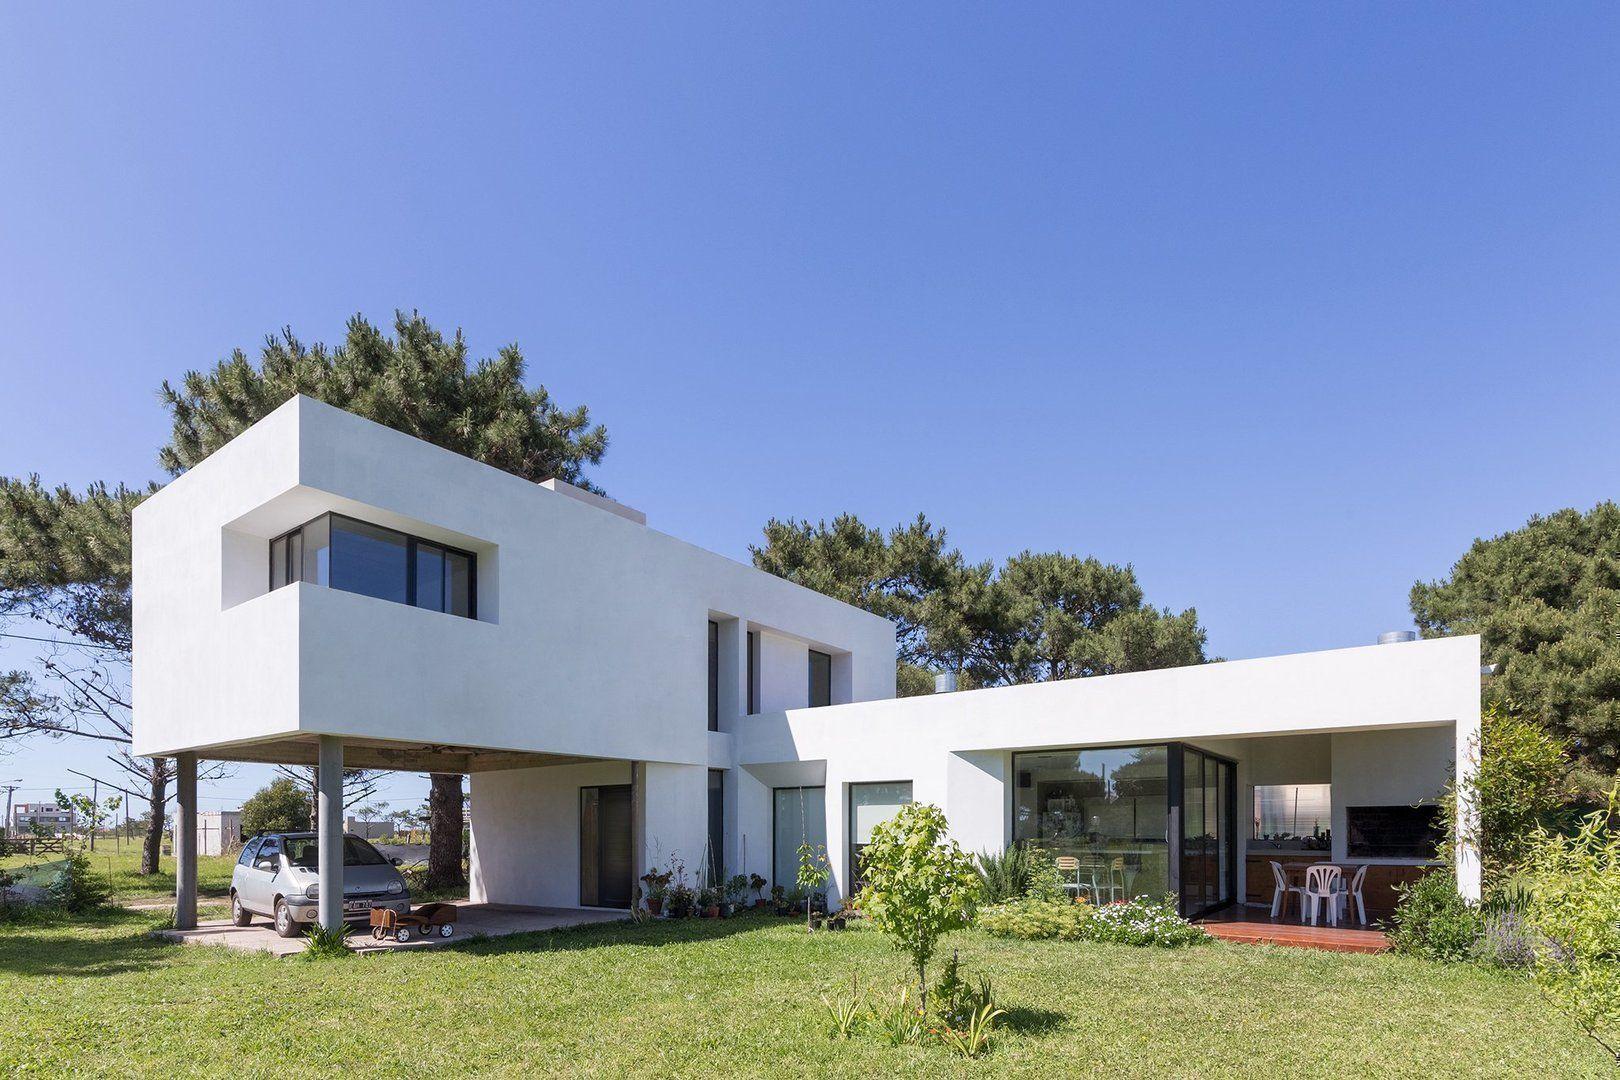 Casa lucerna arqa for Arquitectura casa